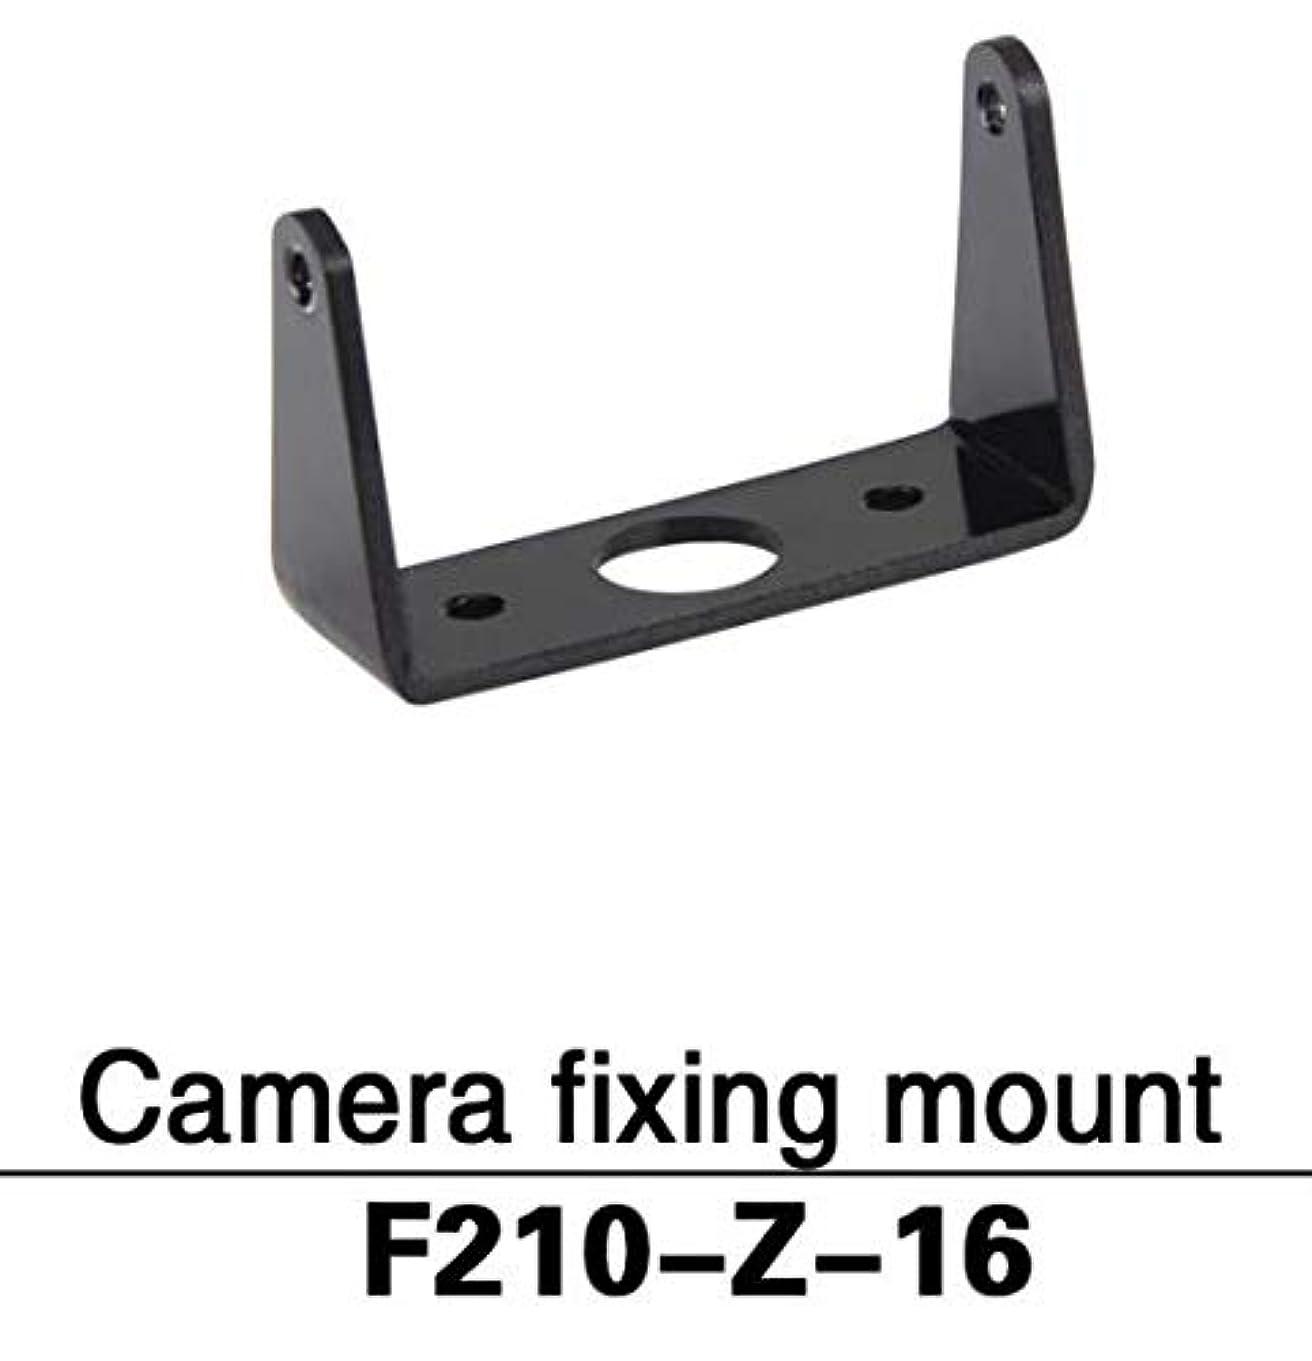 ハウス甘美な特異性WALKERA ワルケラ パーツ/ F210 用 カメラフィキシングマウント×1 (F210-Z-16) Camera Fixing Mount